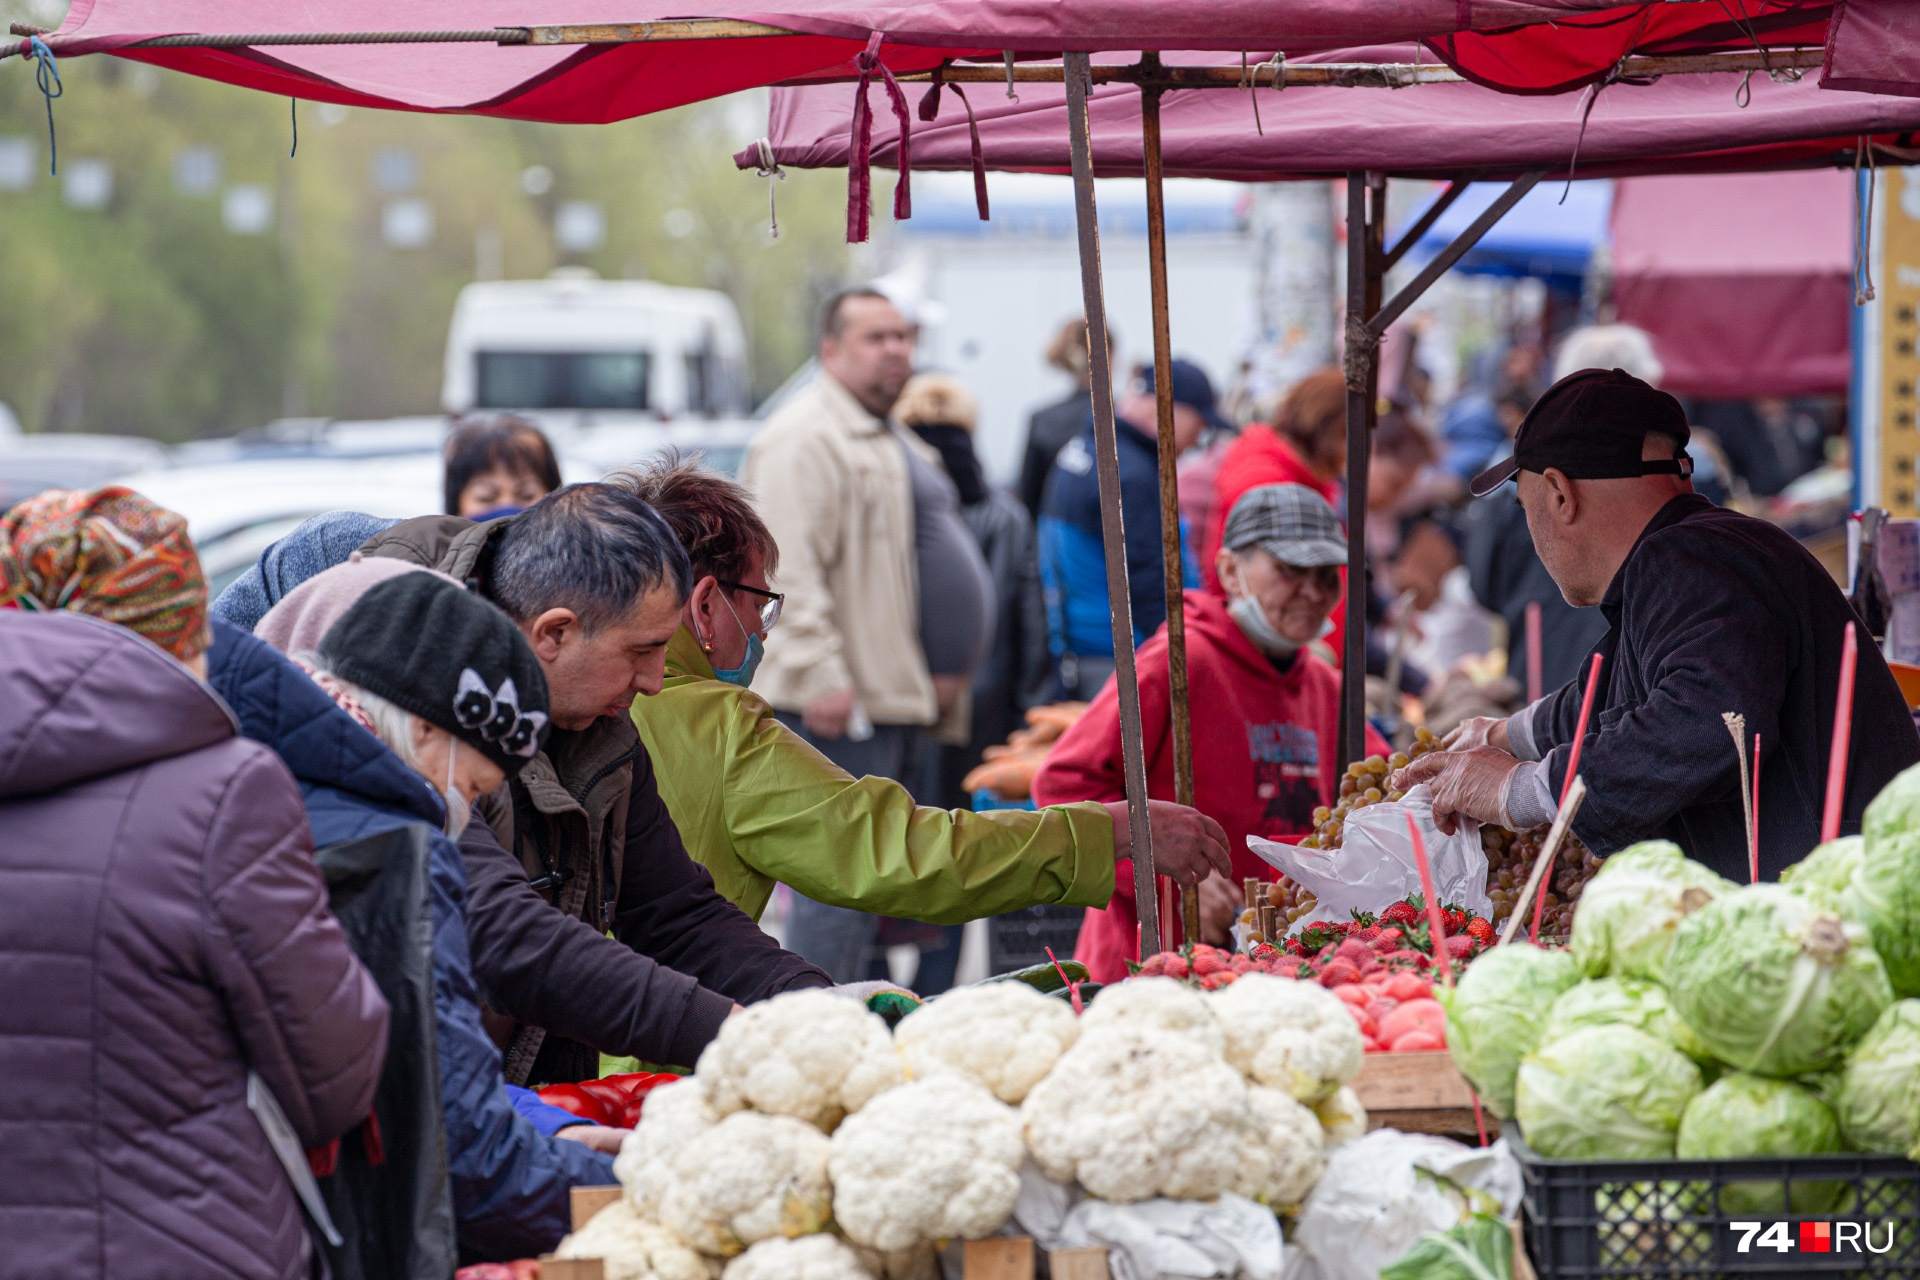 На рынке Тракторозаводского района с социальной дистанцией явно есть проблемы